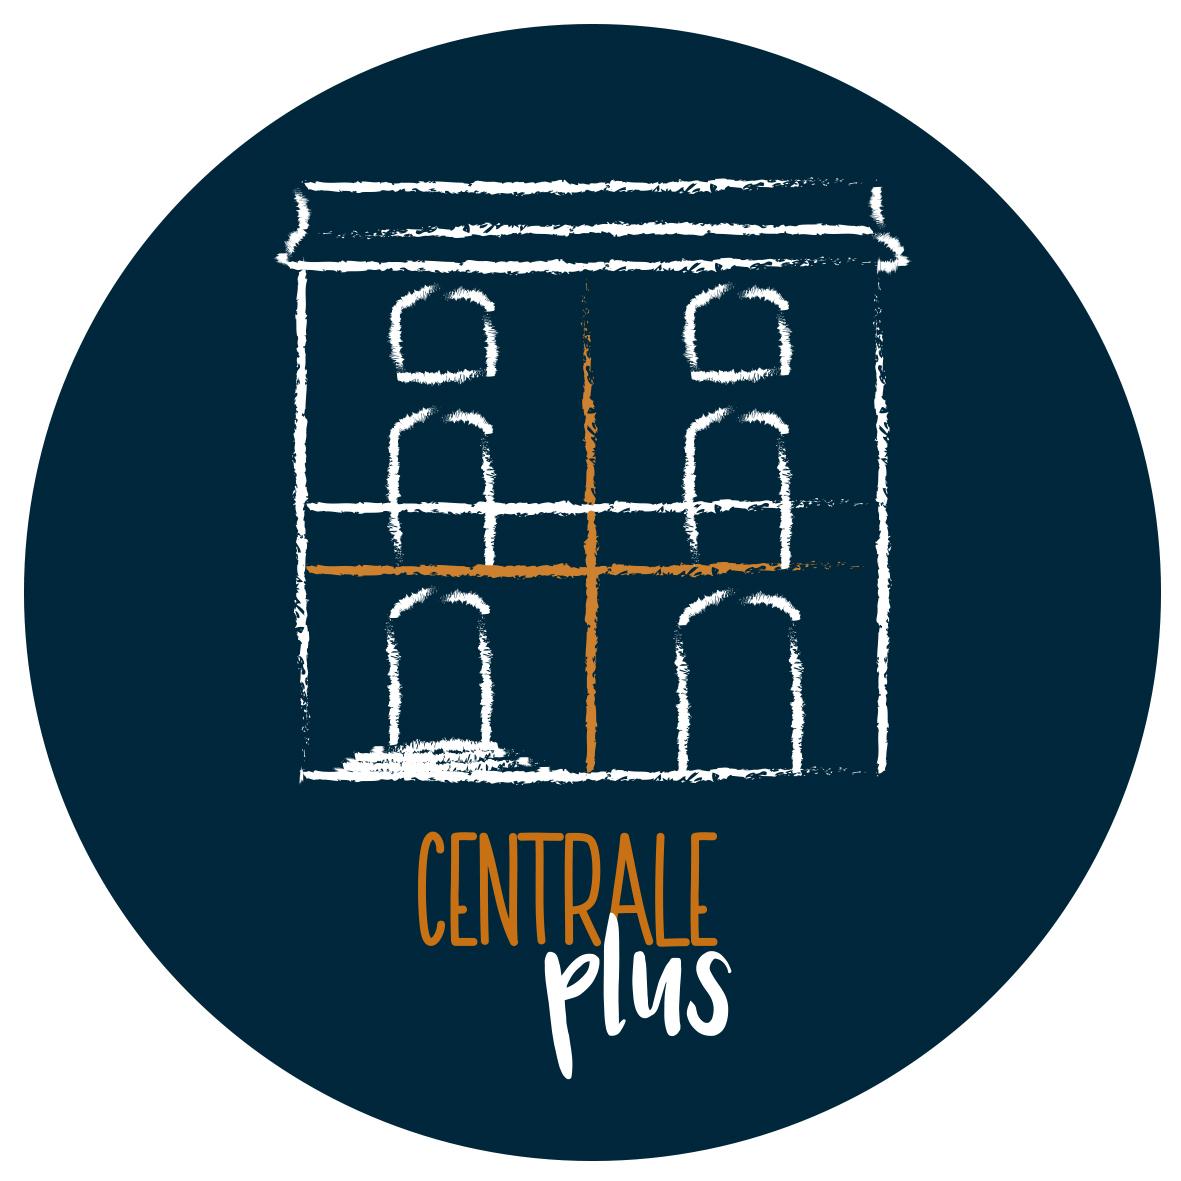 Centrale Plus